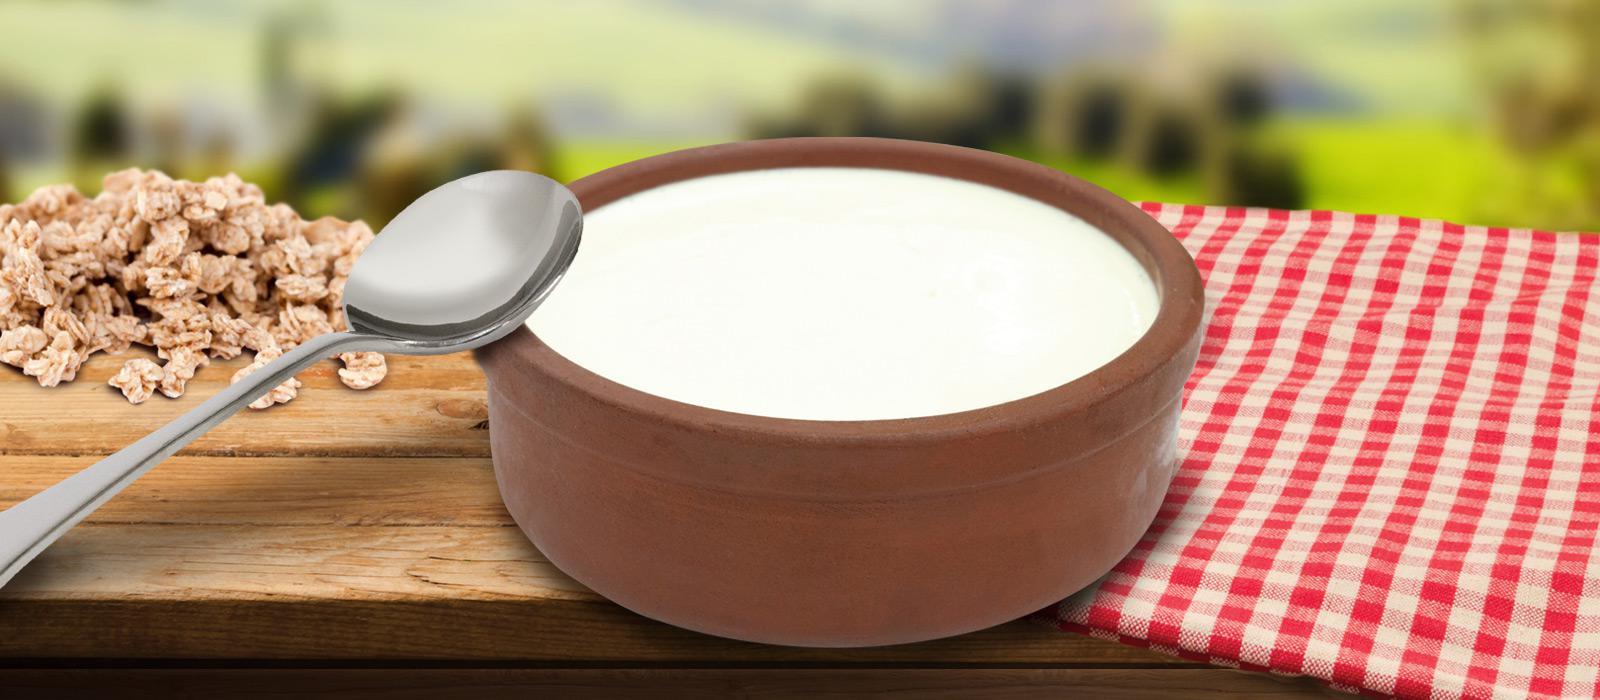 9 κρίσιμα σημεία για να τελειοποιήσετε το γιαούρτι